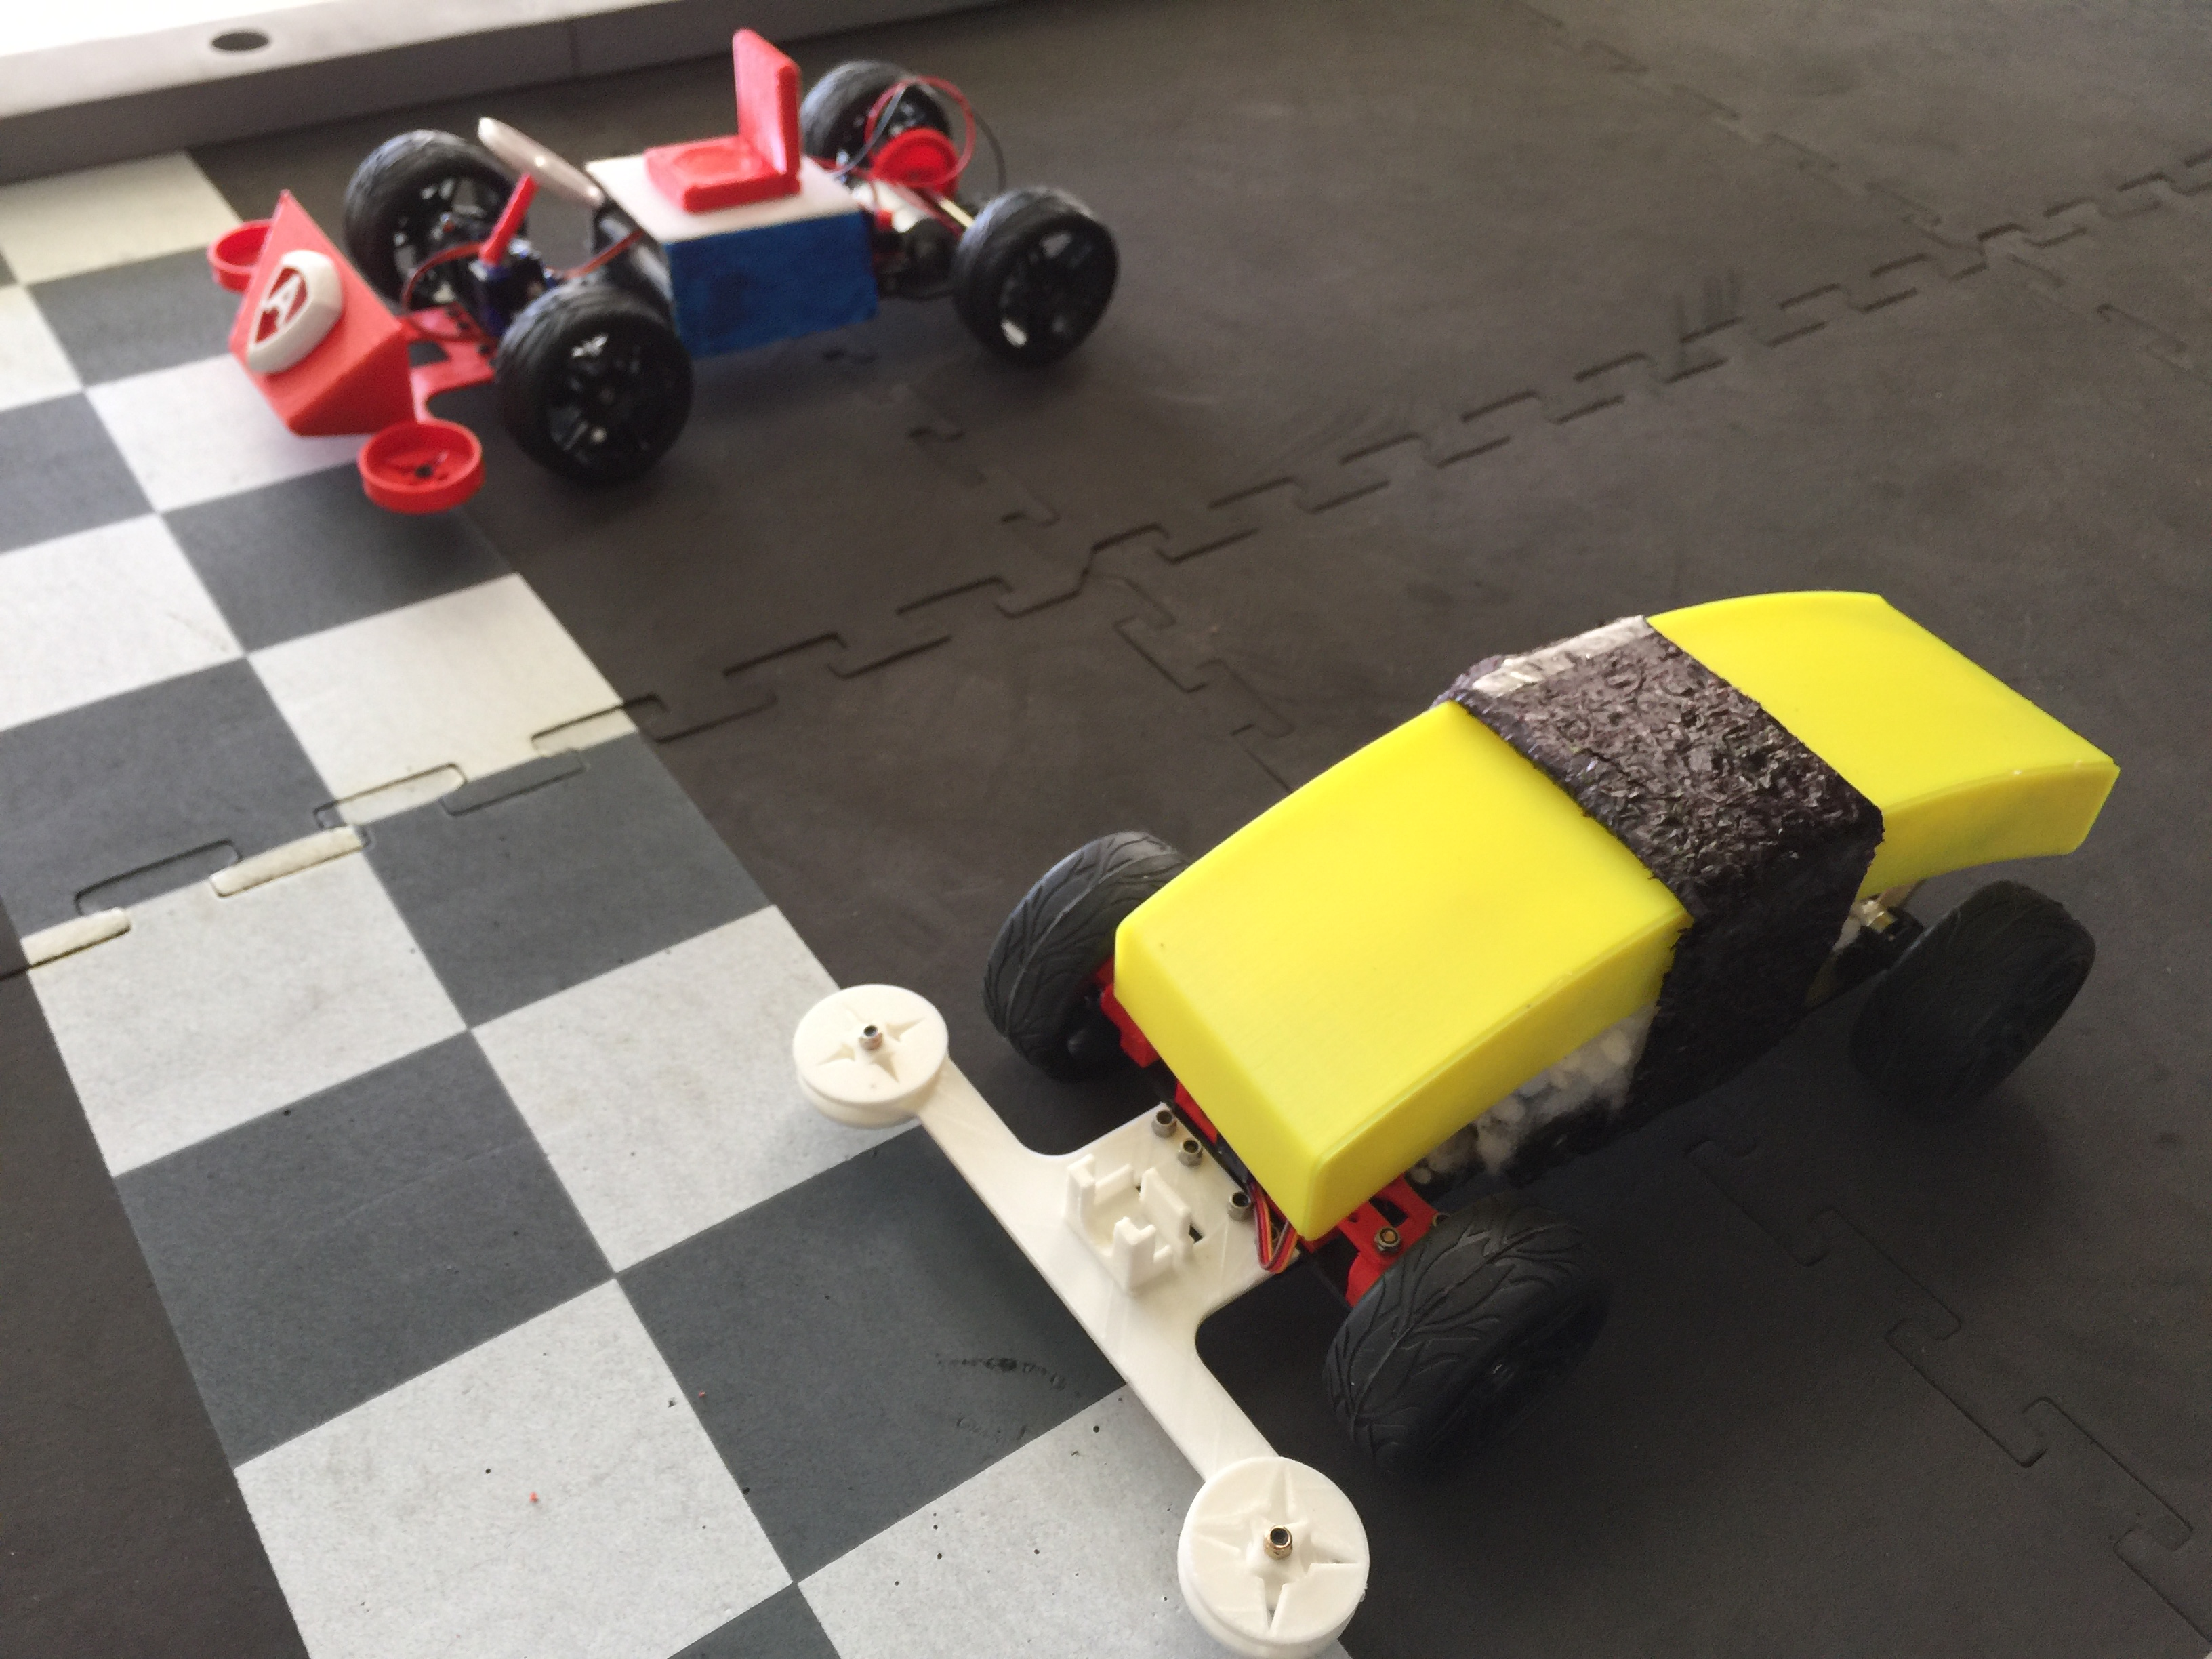 3D프린터와 아두이노를 활용한 RC CAR제작 - 성신여자대학교